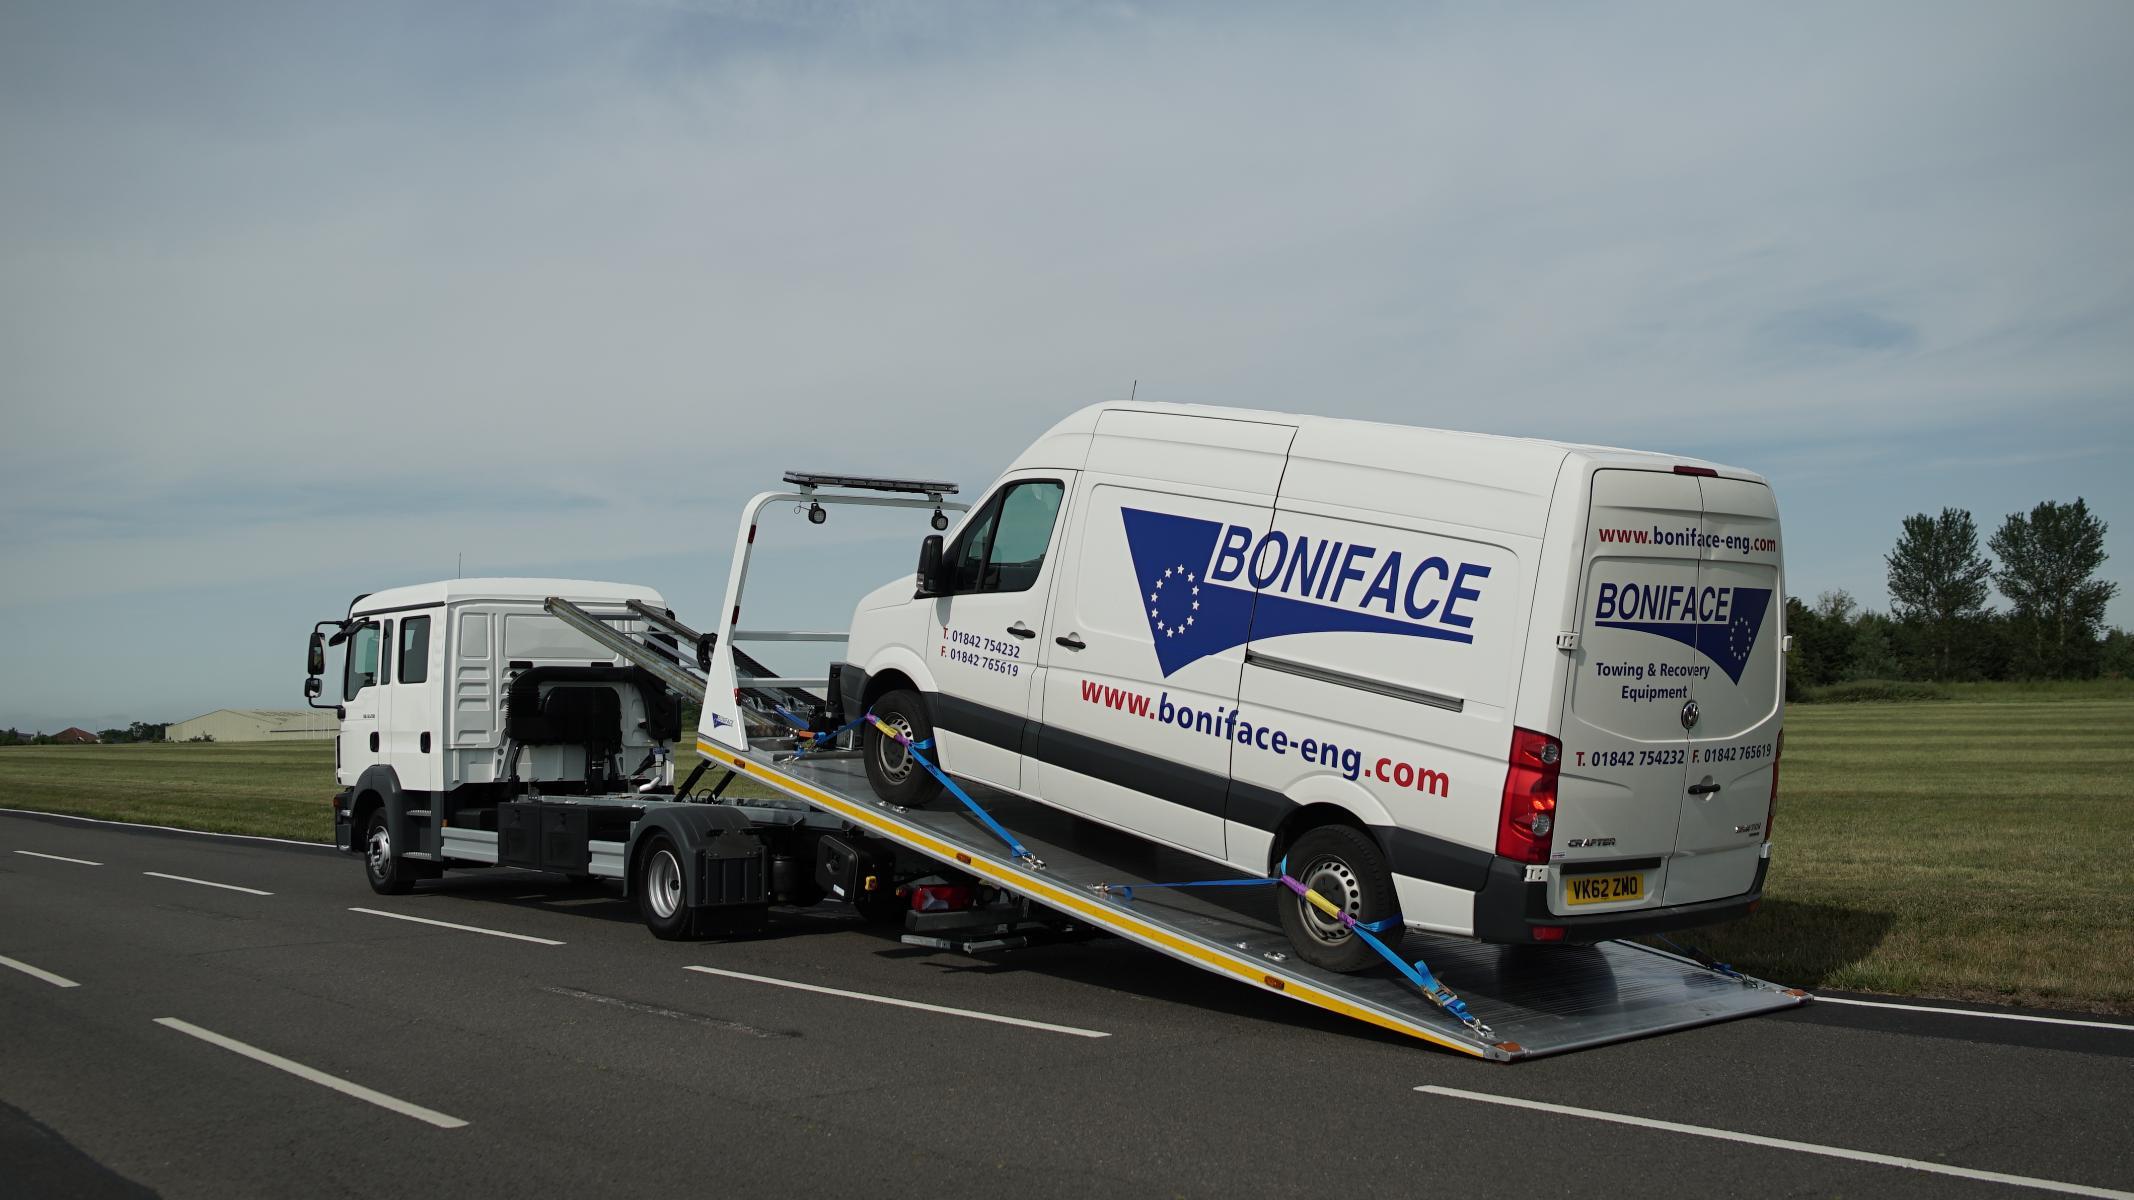 Boniface VLA 5T 38